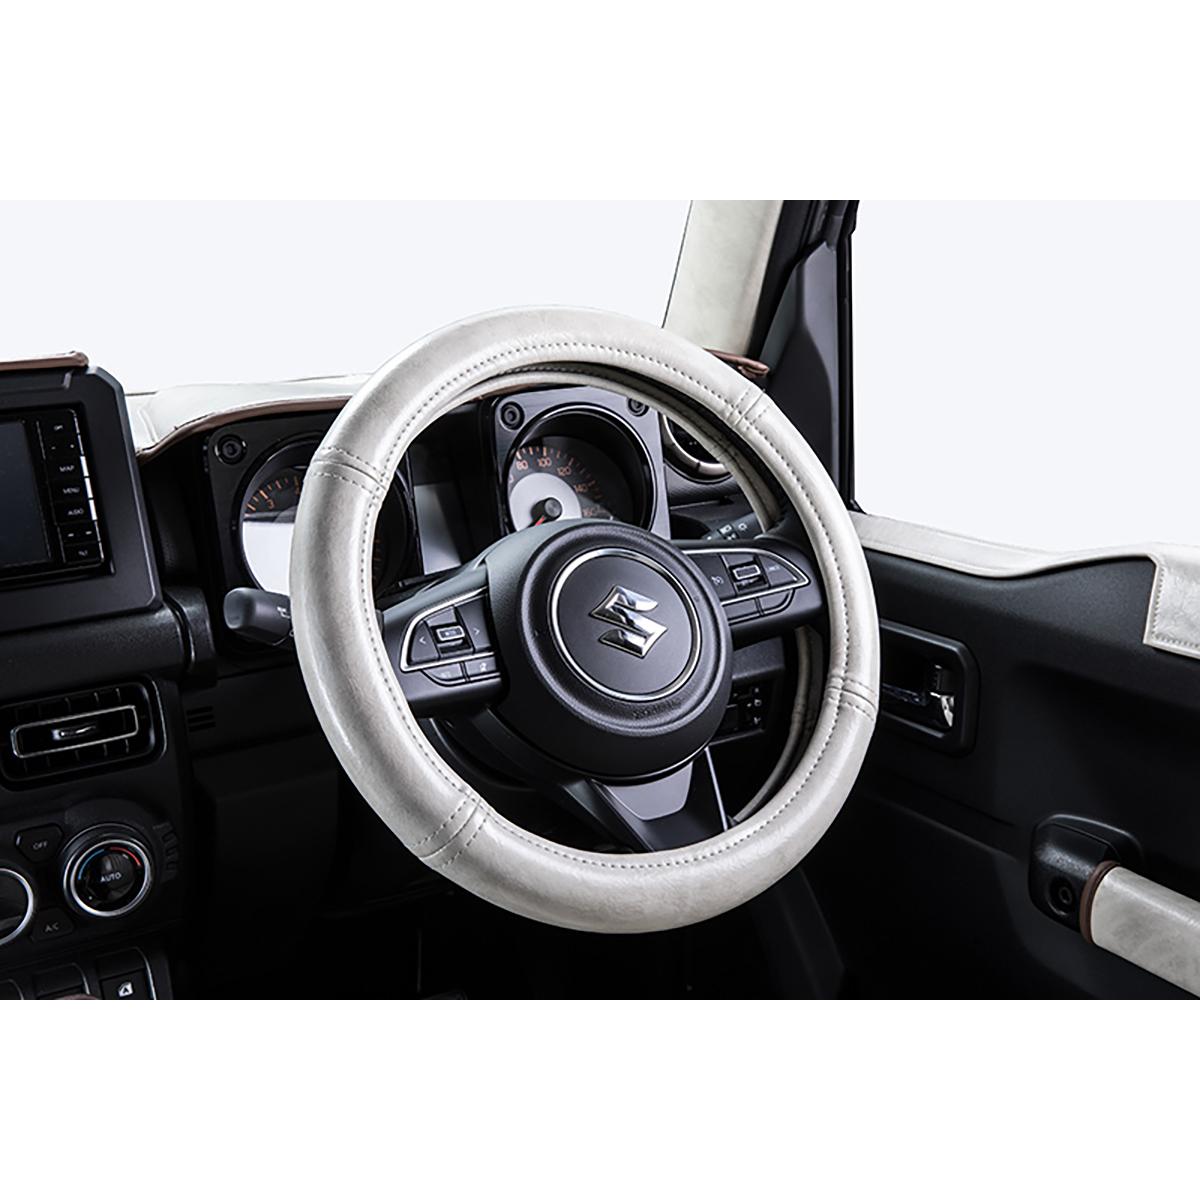 ハンドルカバー アンティーク 軽トラック 軽乗用車用 日本製